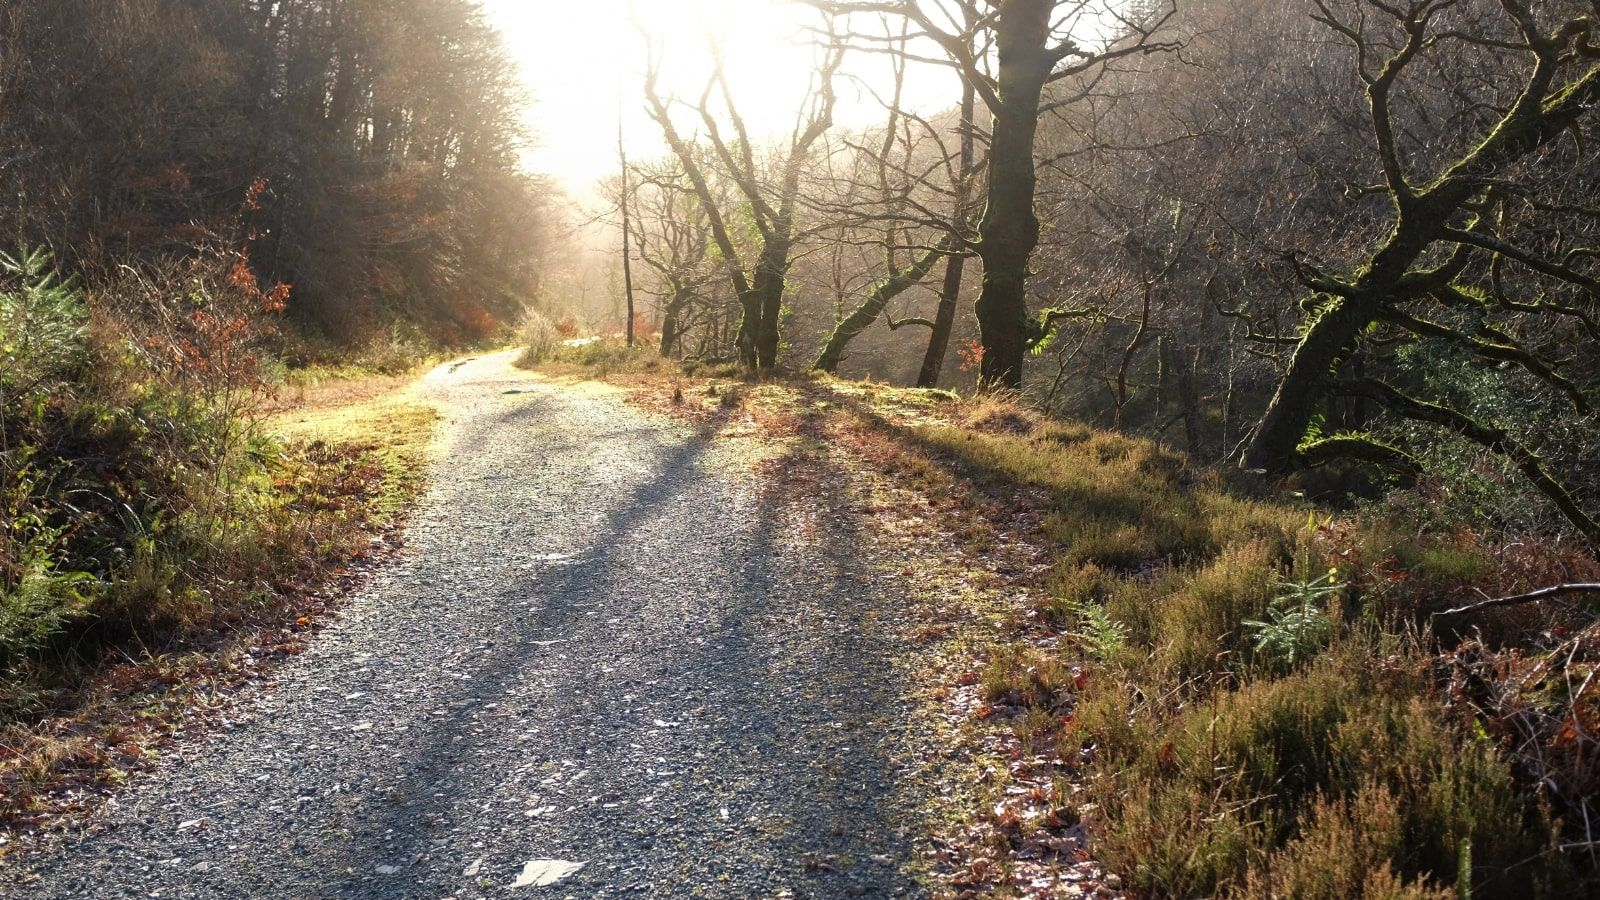 UKC4H_Yr-Afron-Trail--Coed-y-Brenin